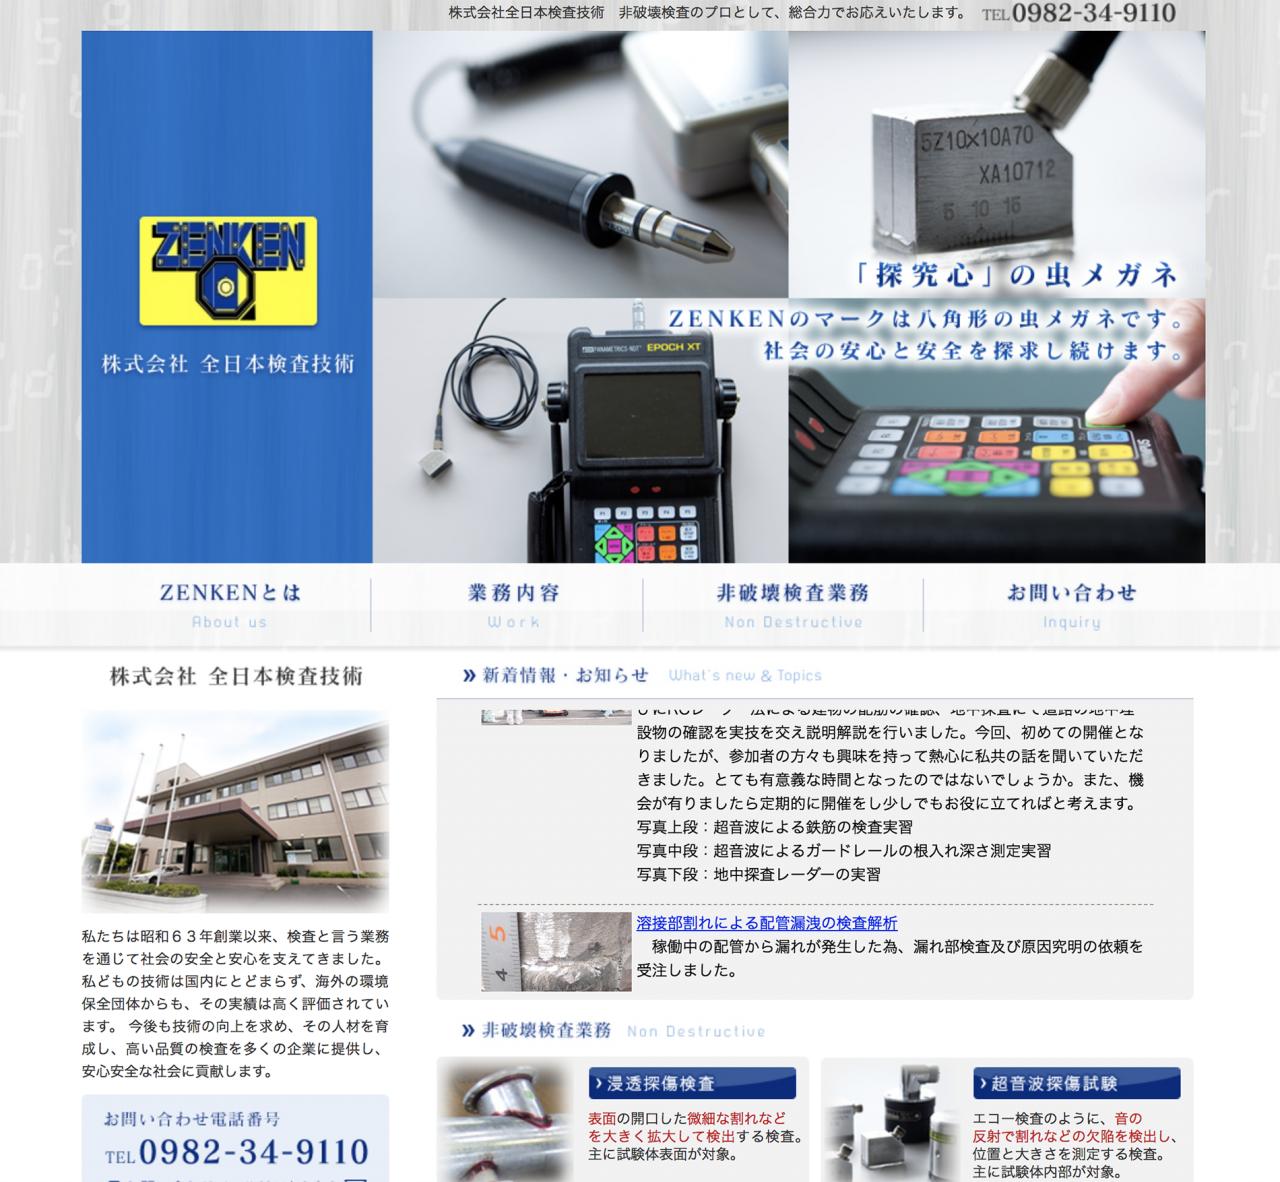 株式会社 全日本検査技術